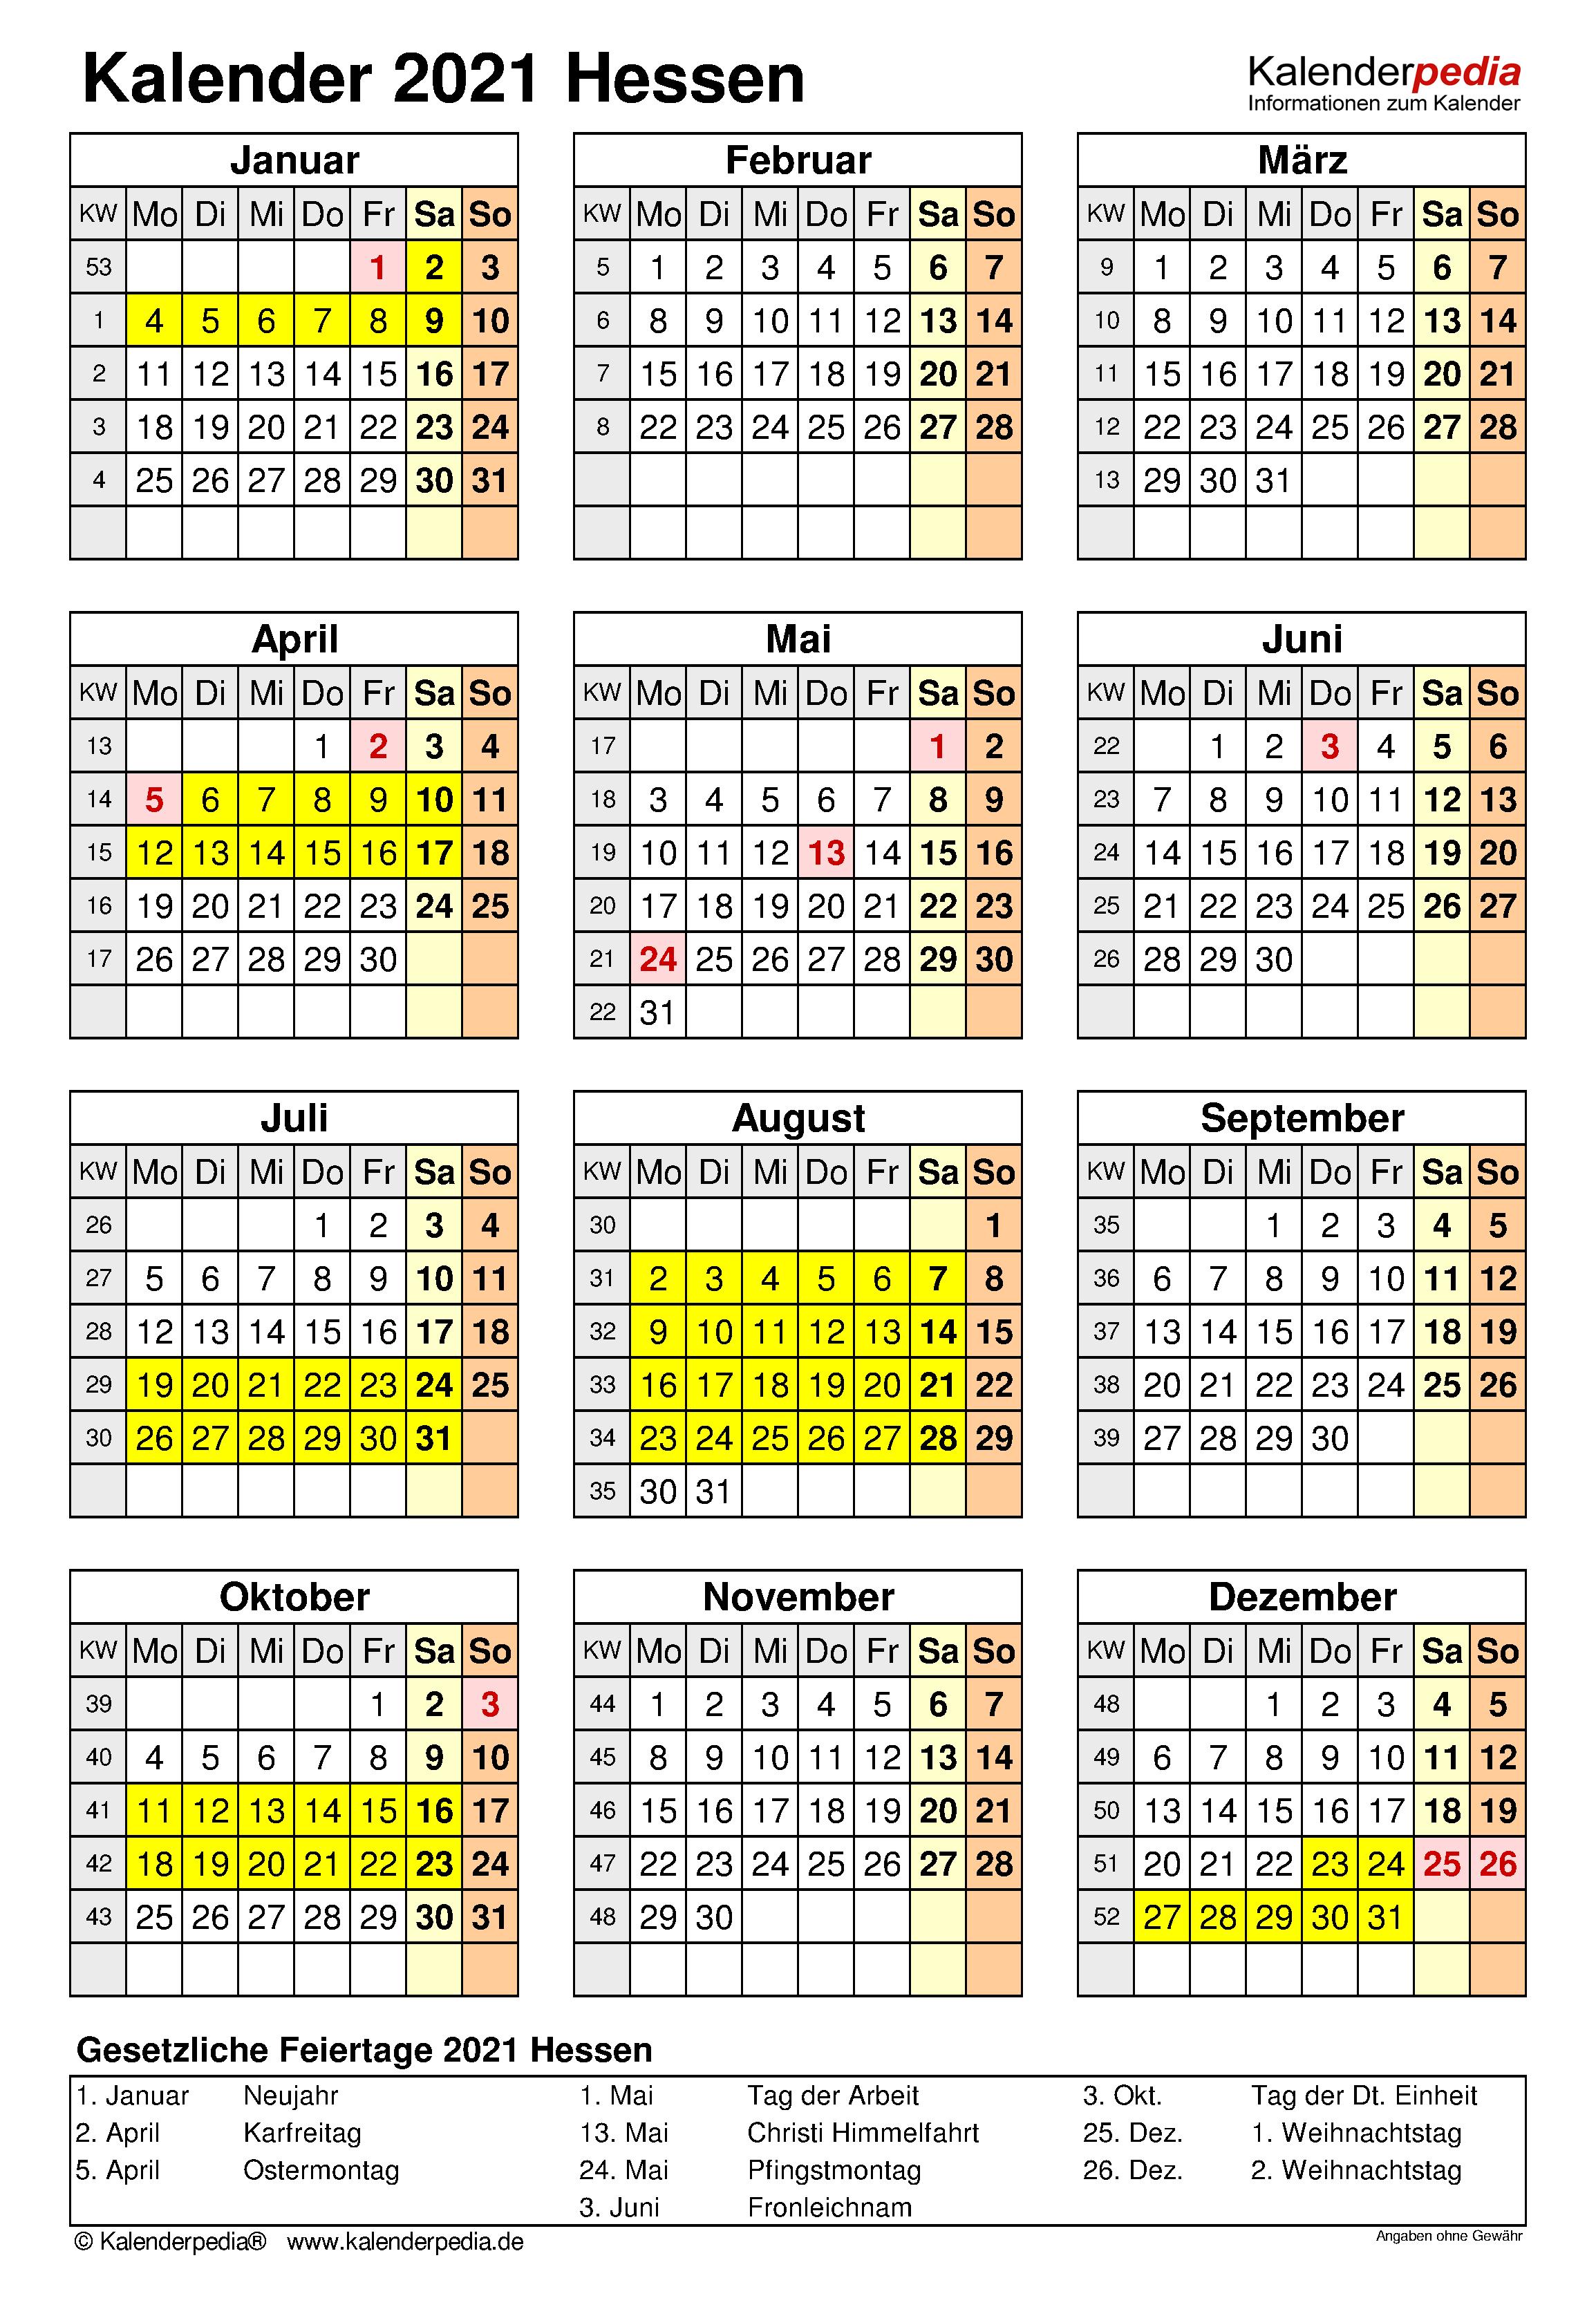 Feiertage 2021 Hessen